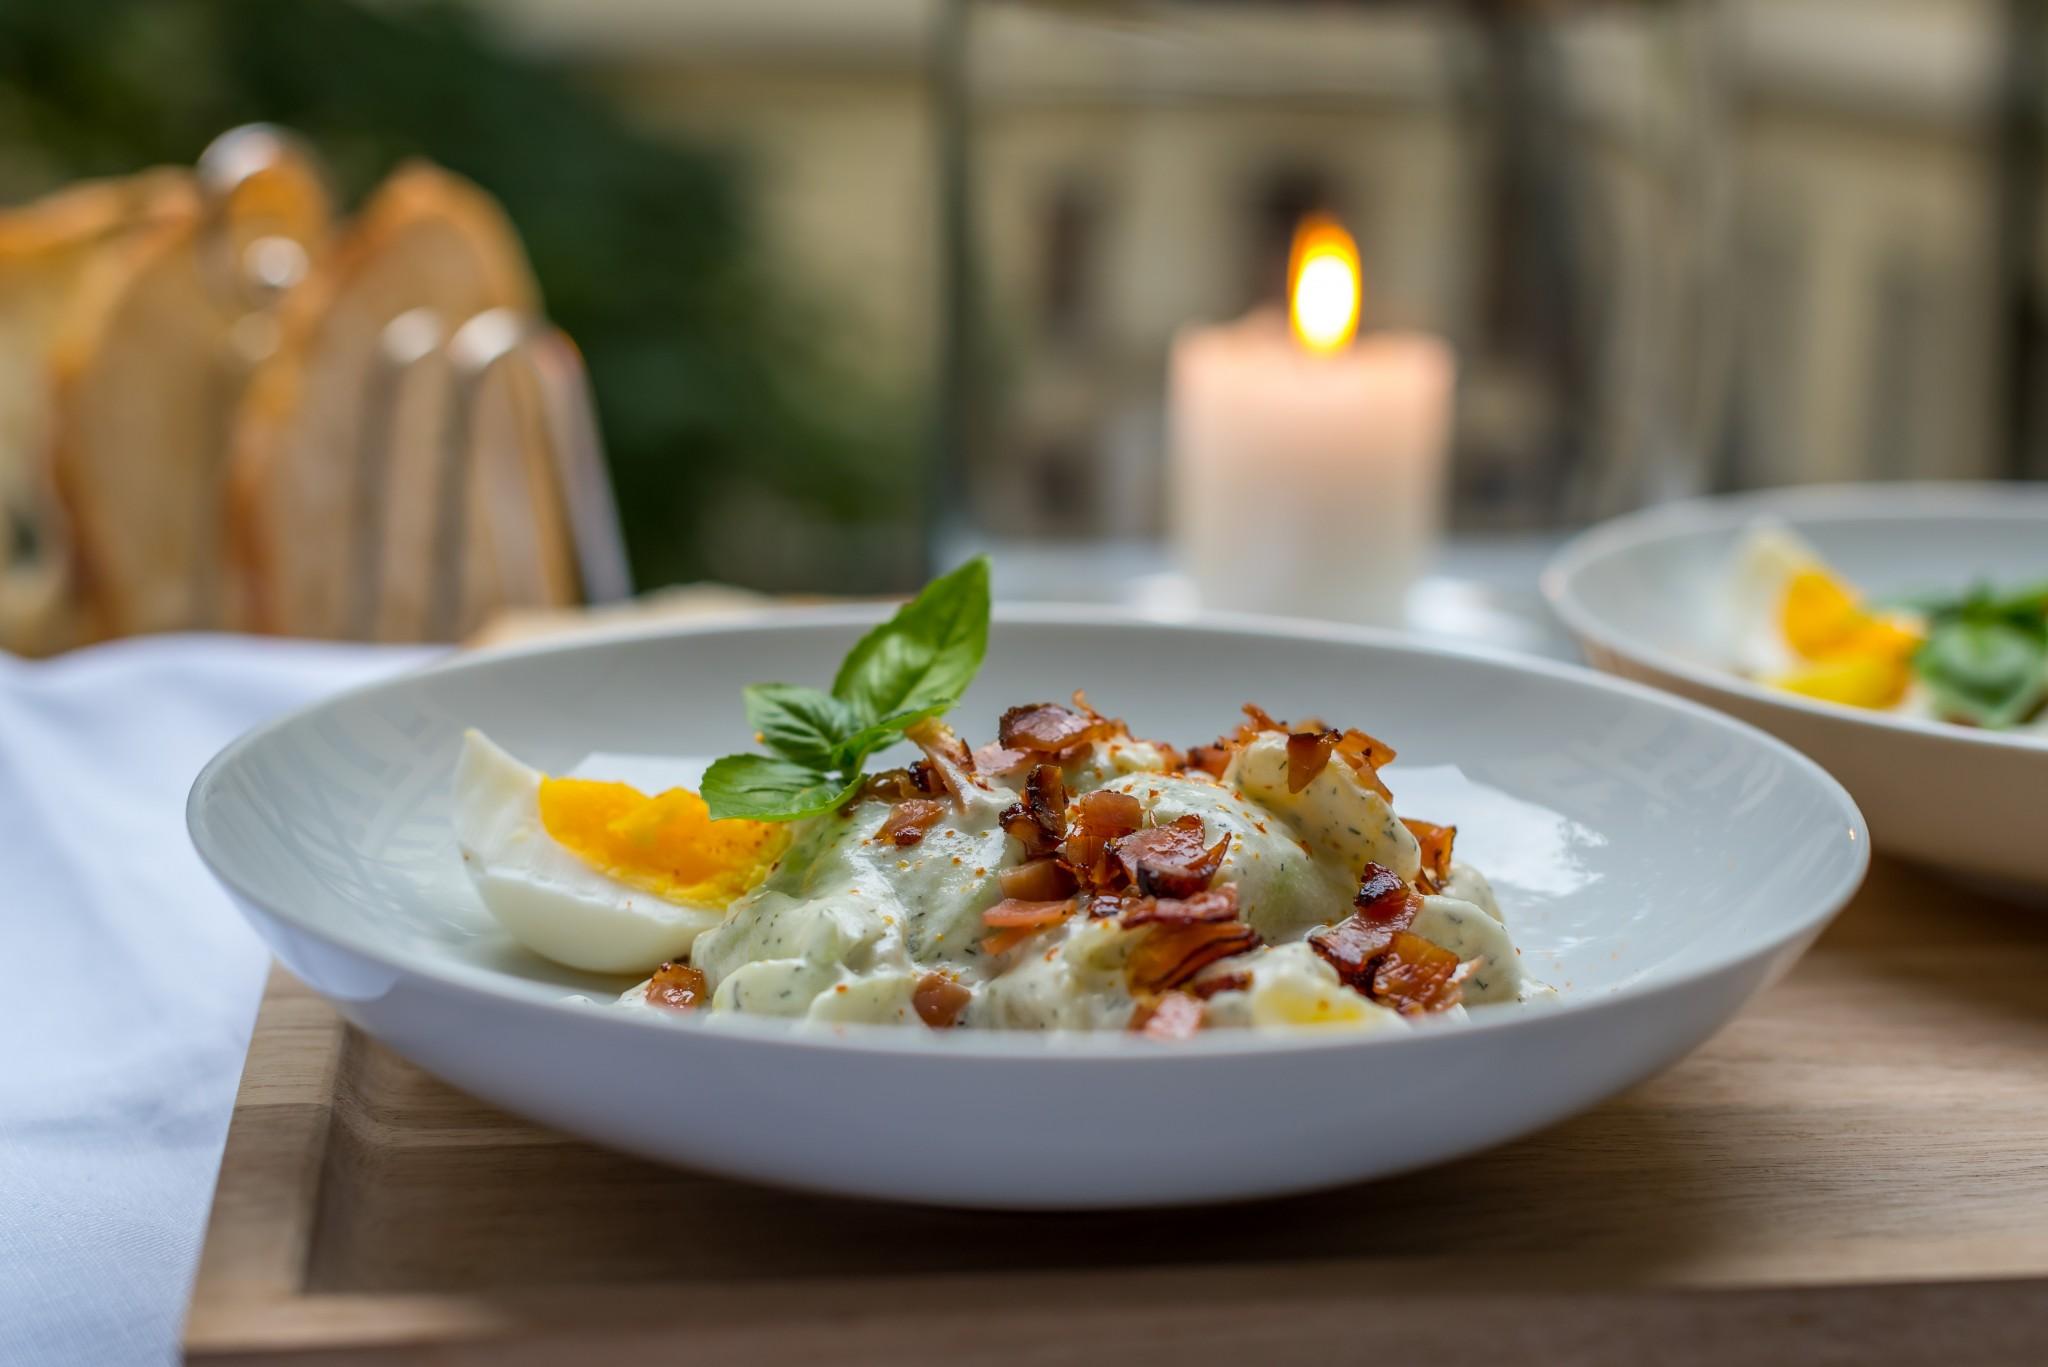 Gurken-Kartoffel-Salat mit Rohschinken